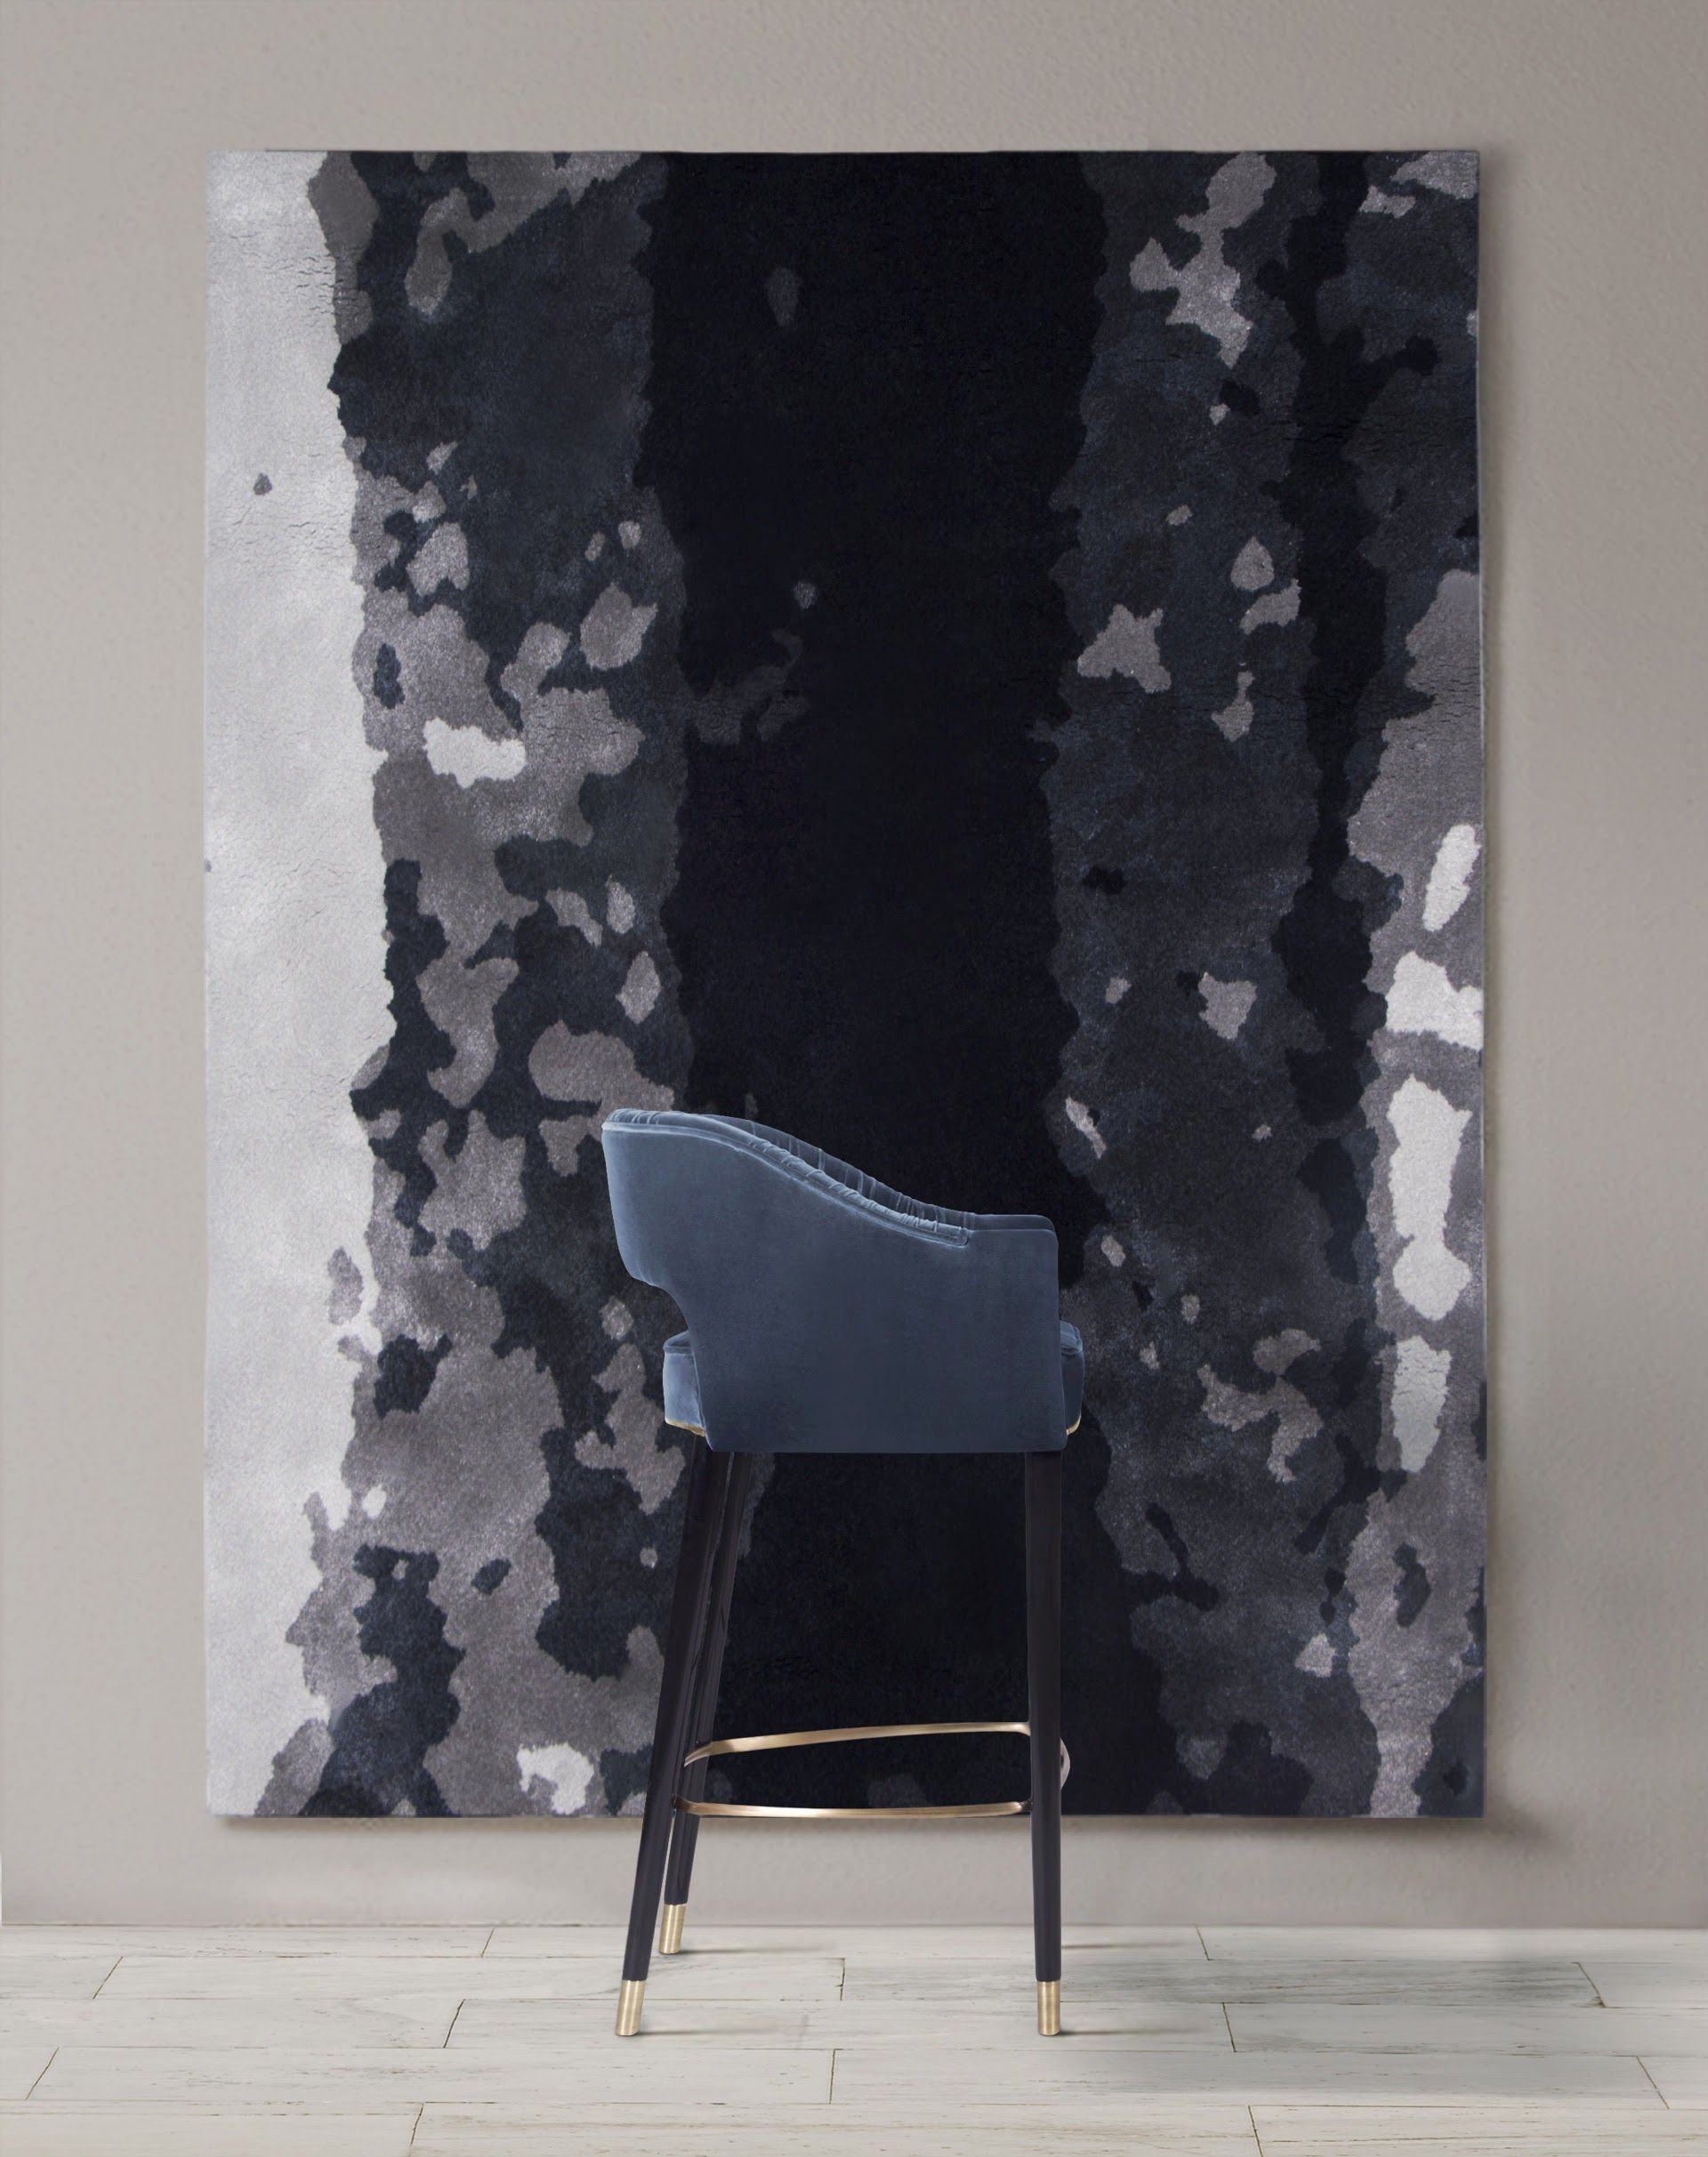 Wohndesign für 3 schlafzimmer pantone farben einrichtungsideen minimalismus design modernes design